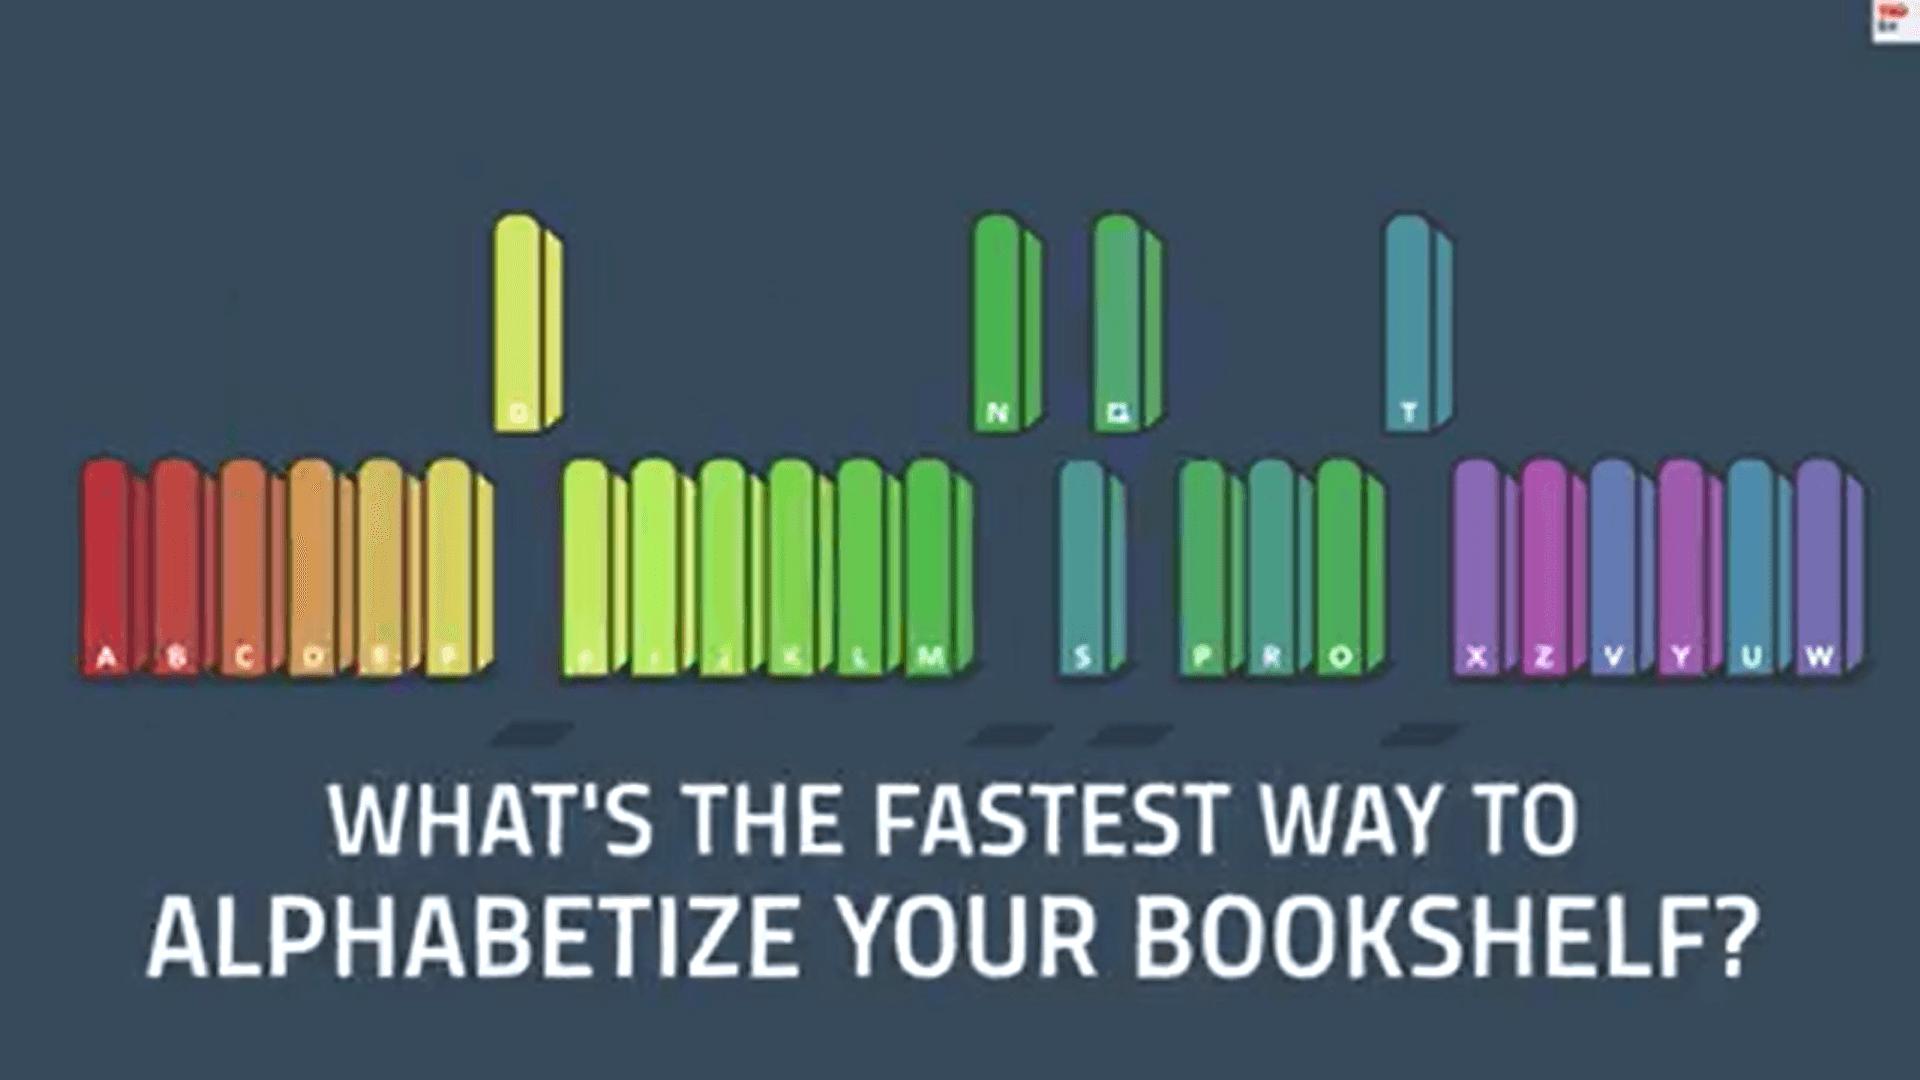 如何快速排序你的書櫃?五分鐘就學會!